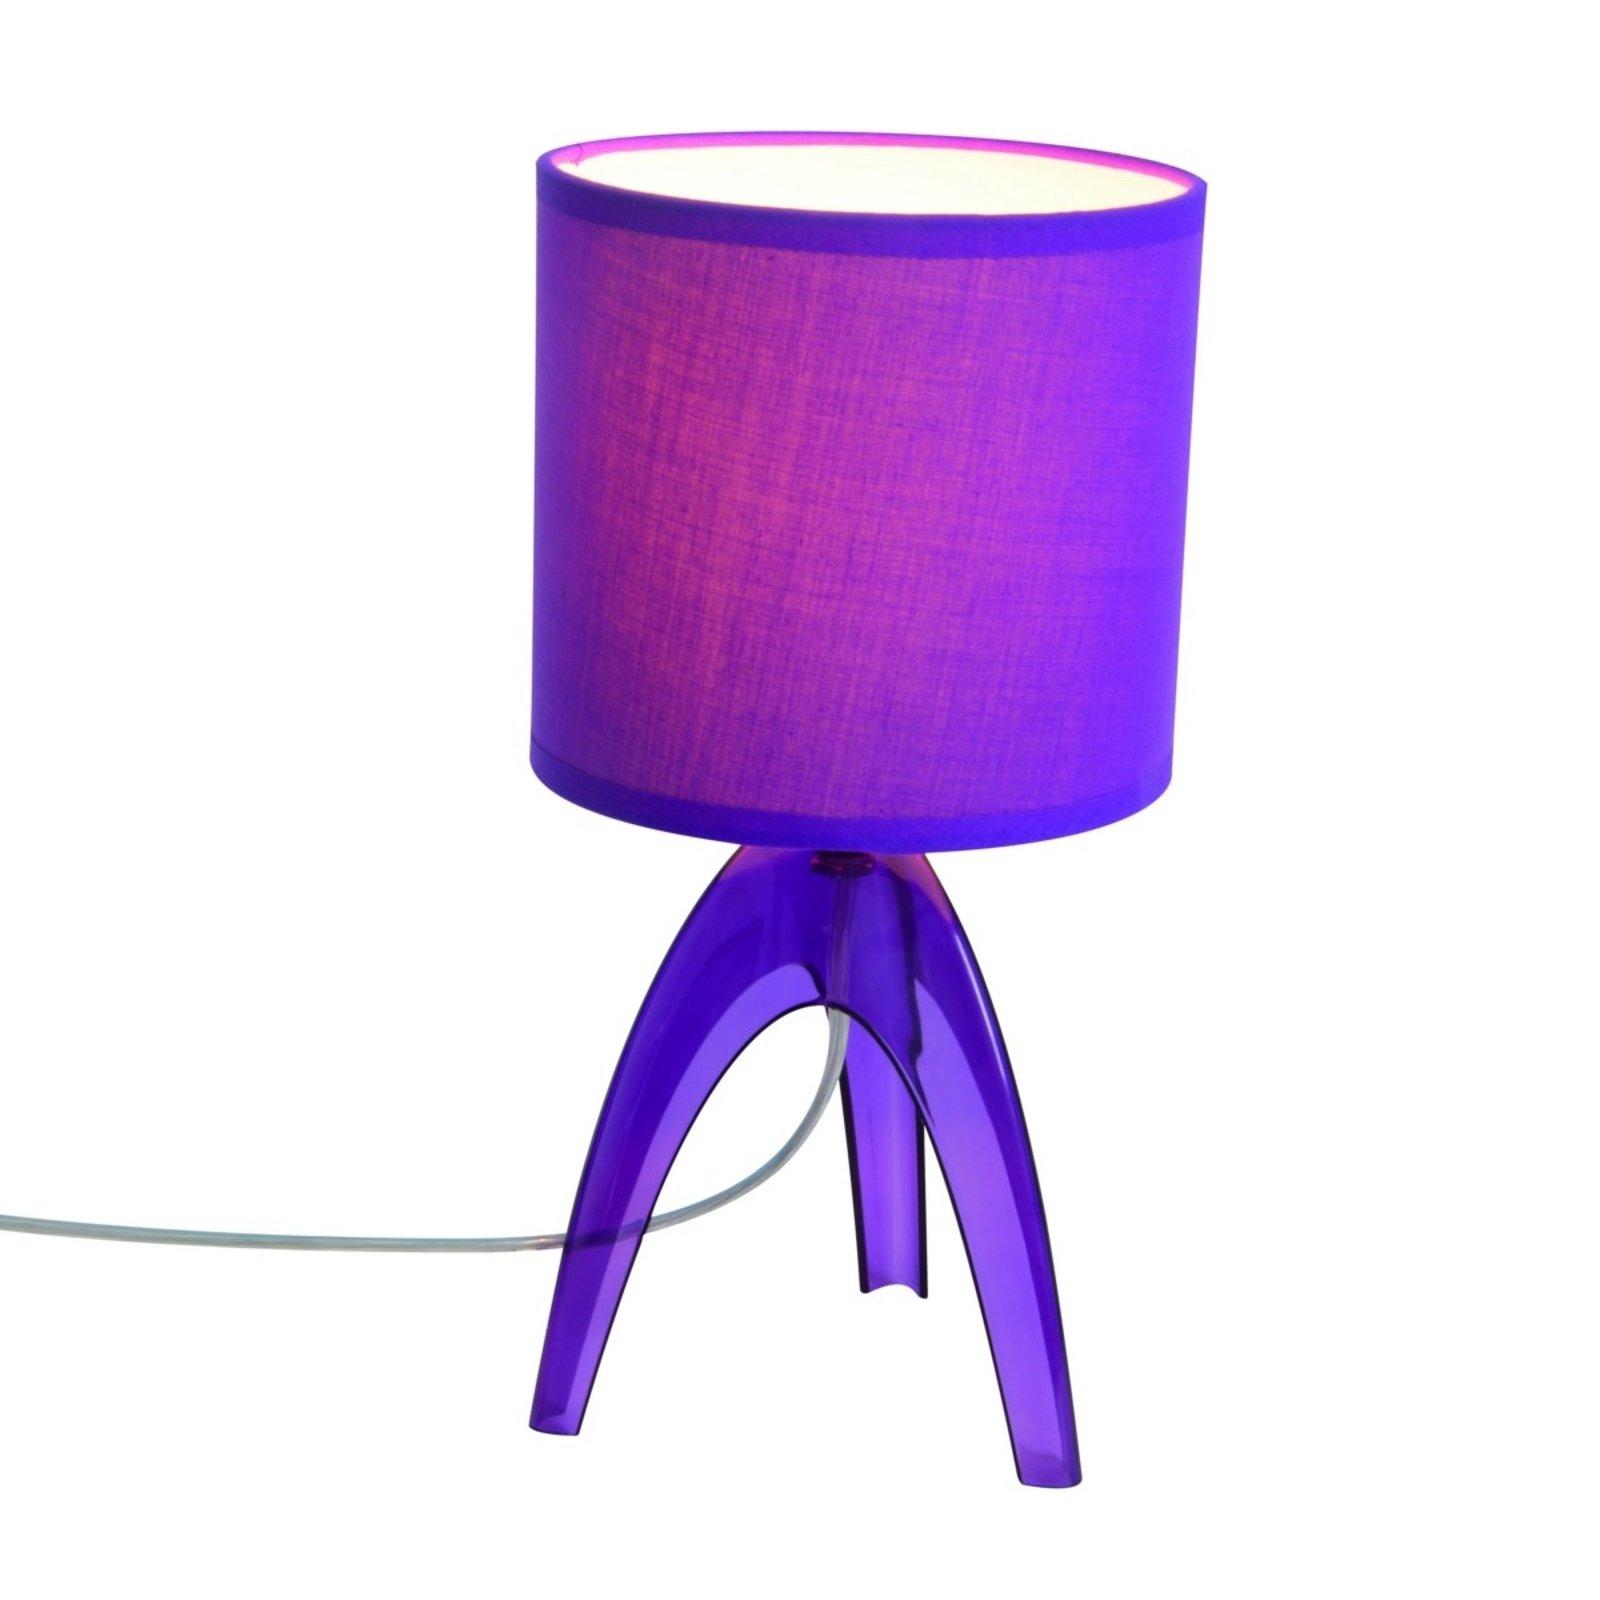 Trendy bordlampe Ufolino, fiolett